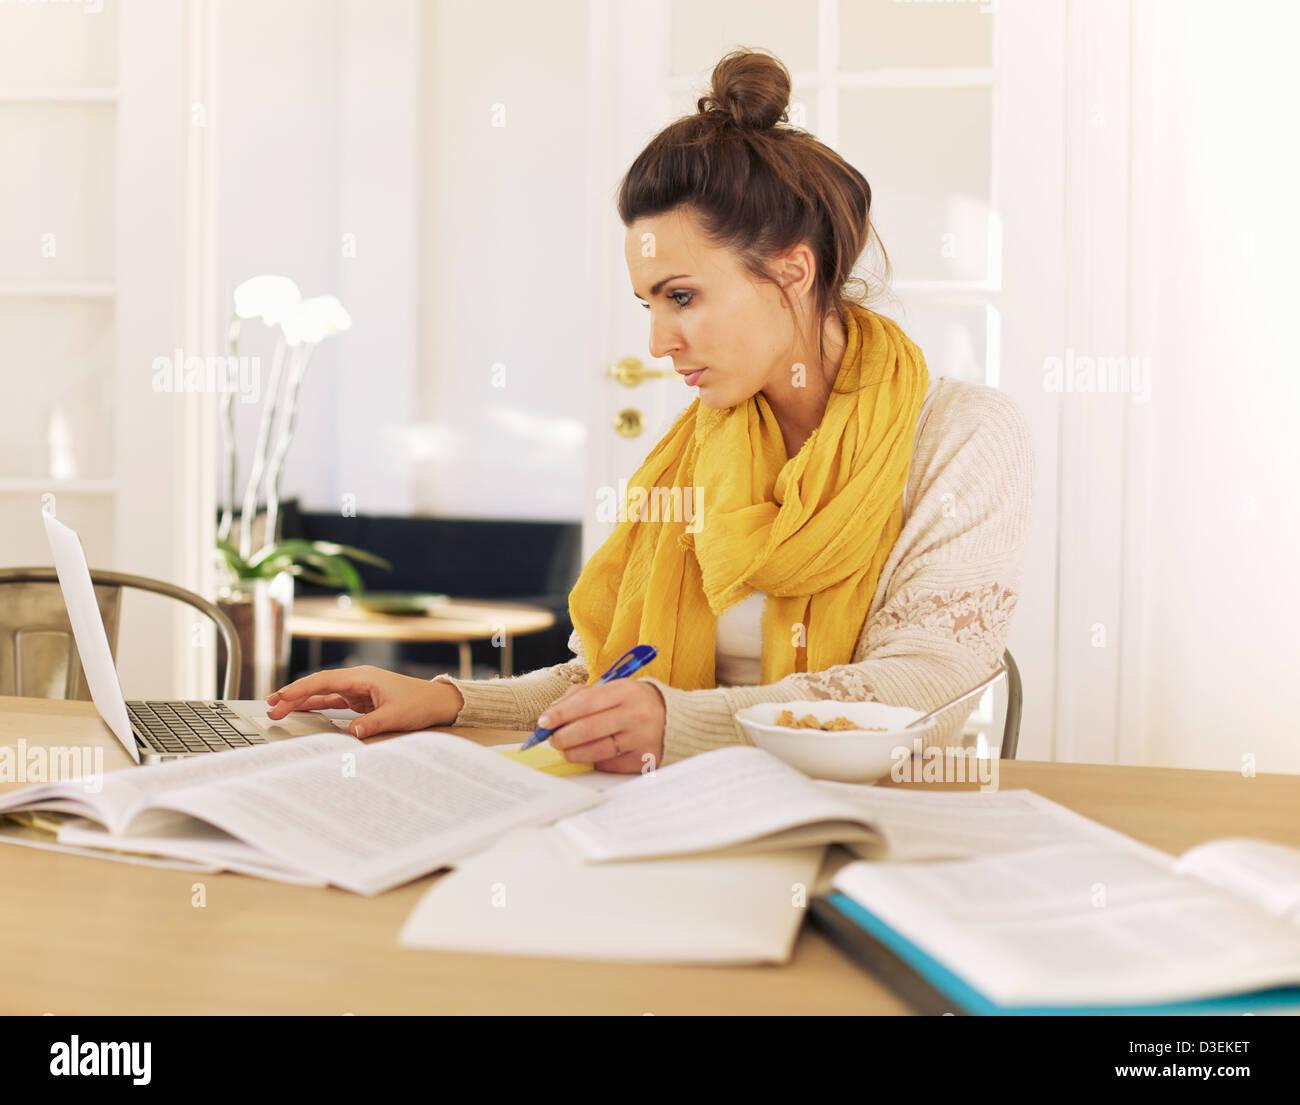 Young university student using laptop and books à l'étude à la maison Photo Stock